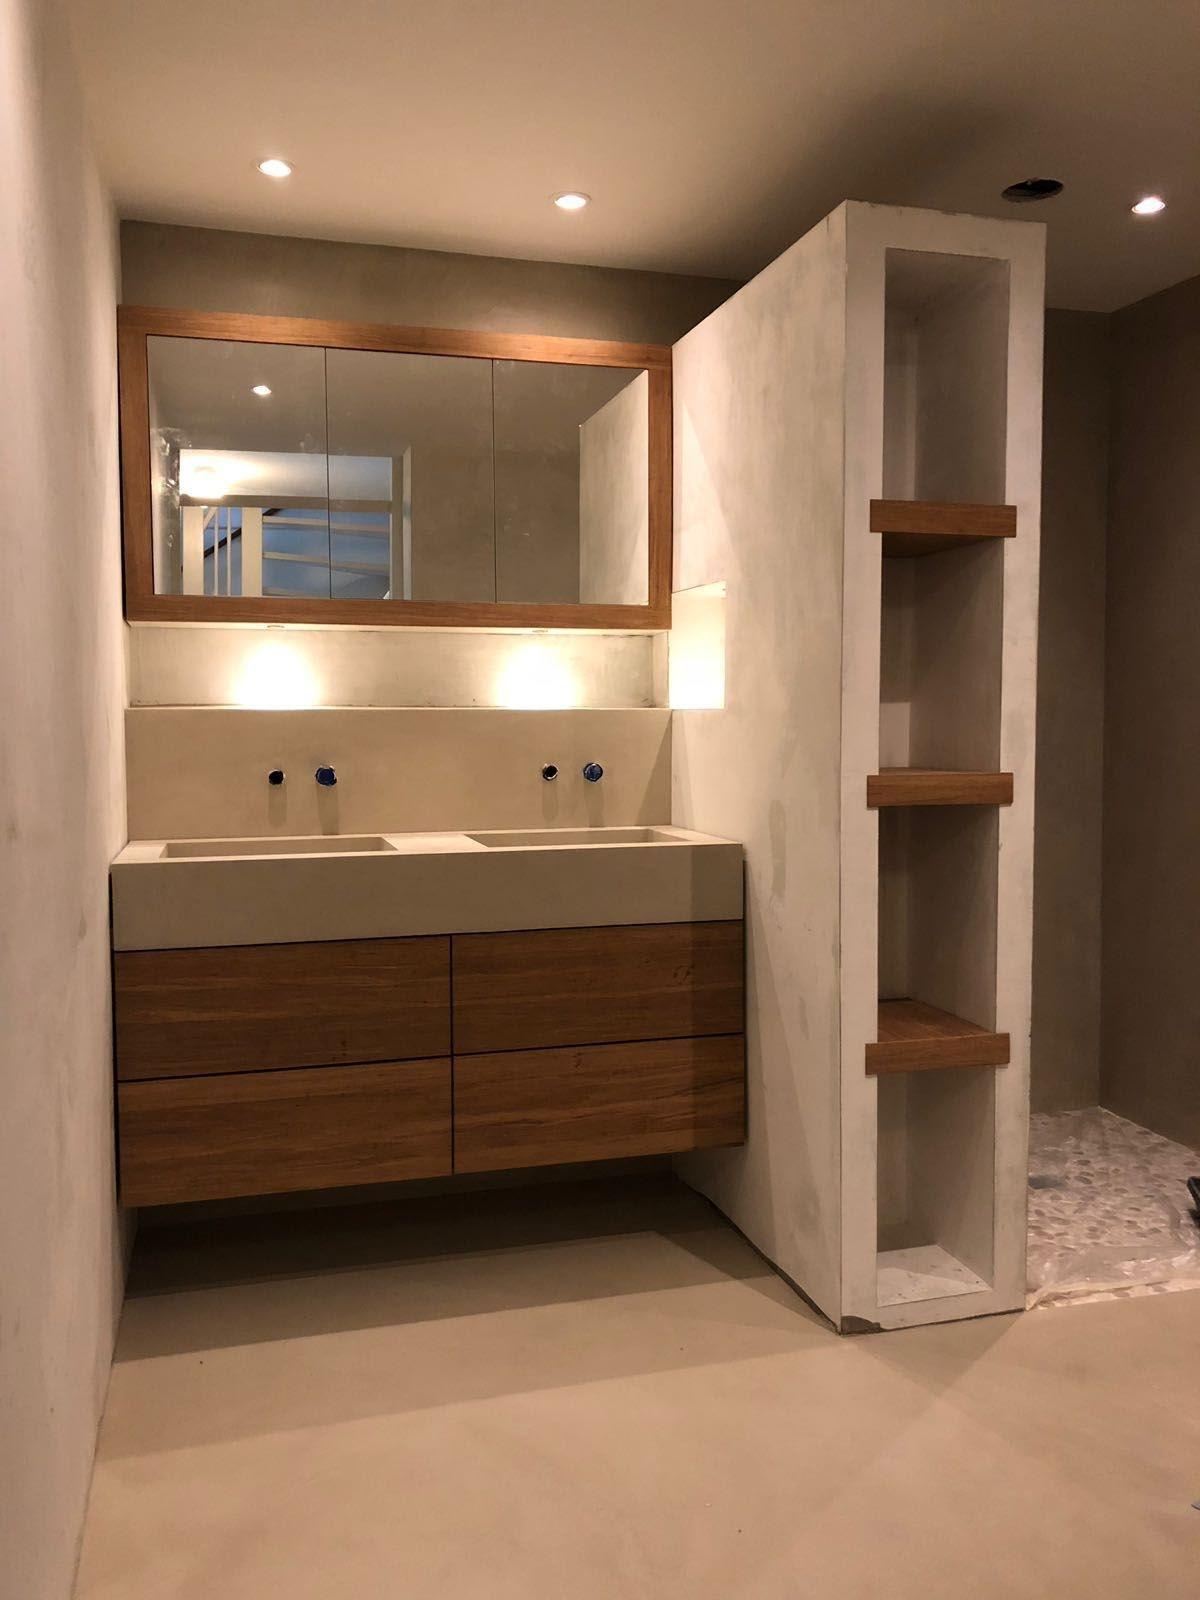 Enchanting Bathroom Storage Ideas For Your Organization28